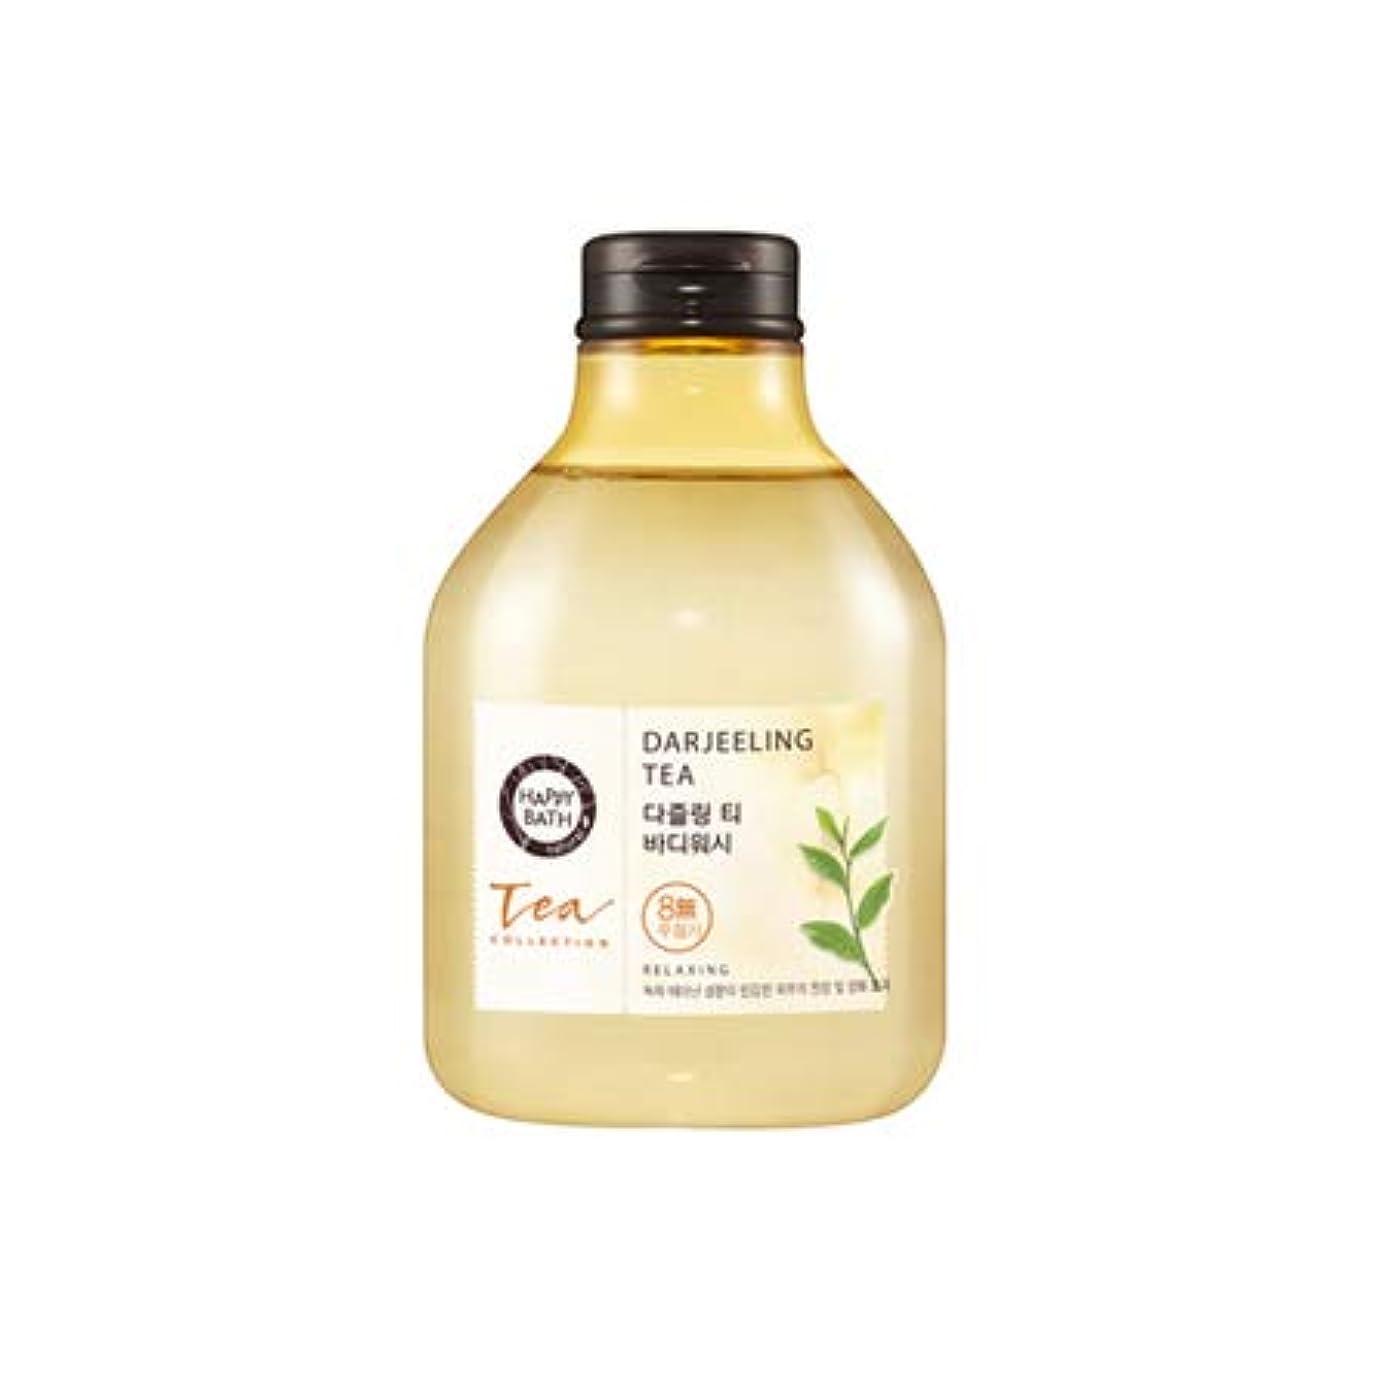 話す現像センチメートル[ハッピーバス.happy bath]若い葉ティーコレクションボディウォッシュ(ダージリンティー、300ml)/ pure Darjeeling Tea body wash